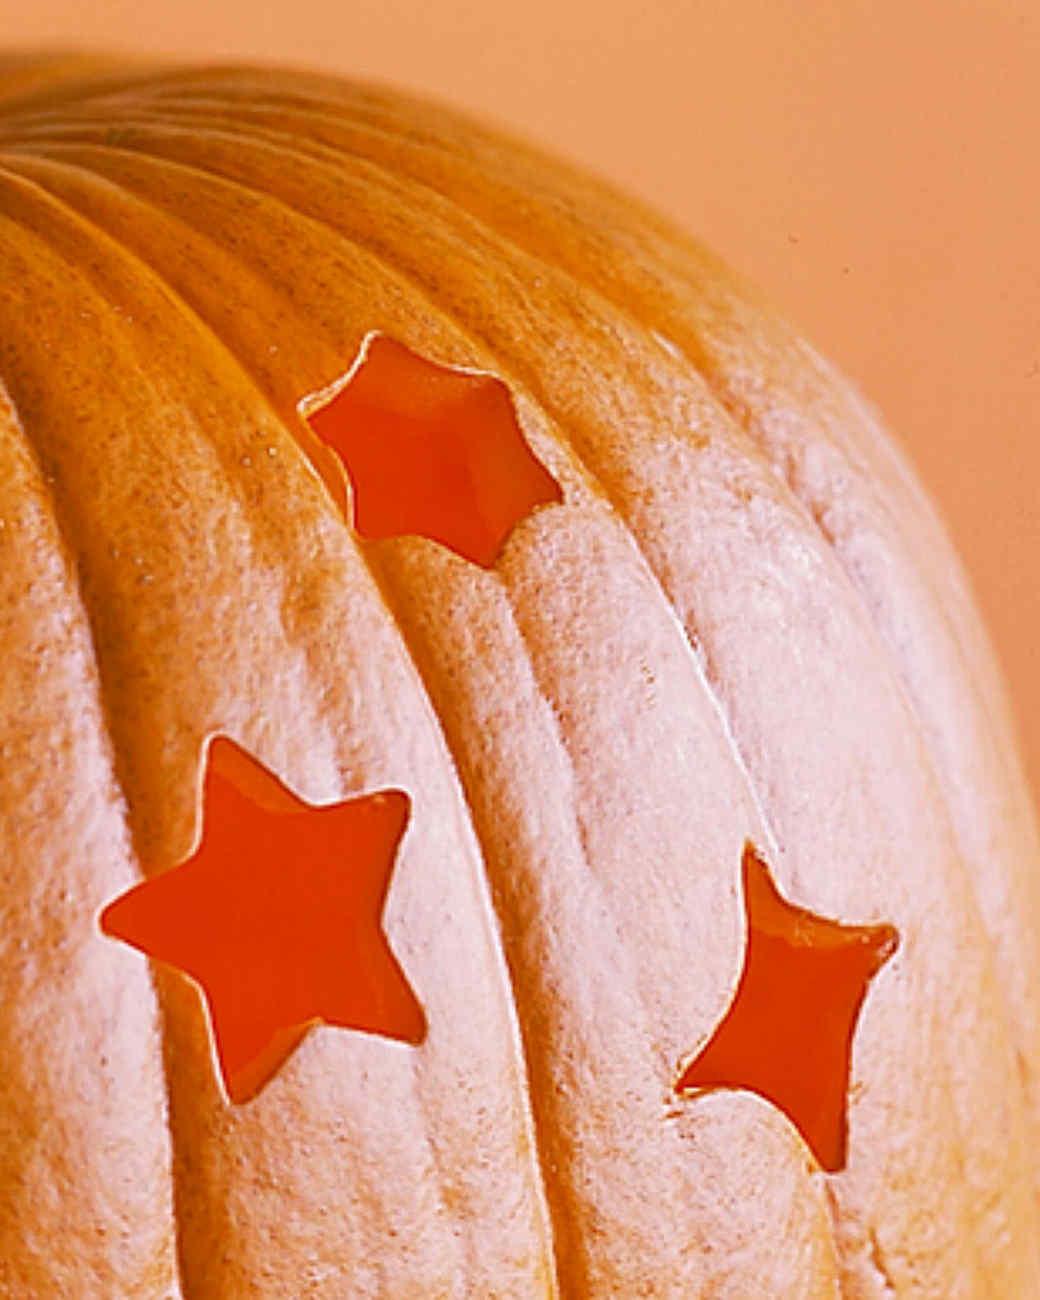 msl_1006_carving_cookie_ht2.jpg